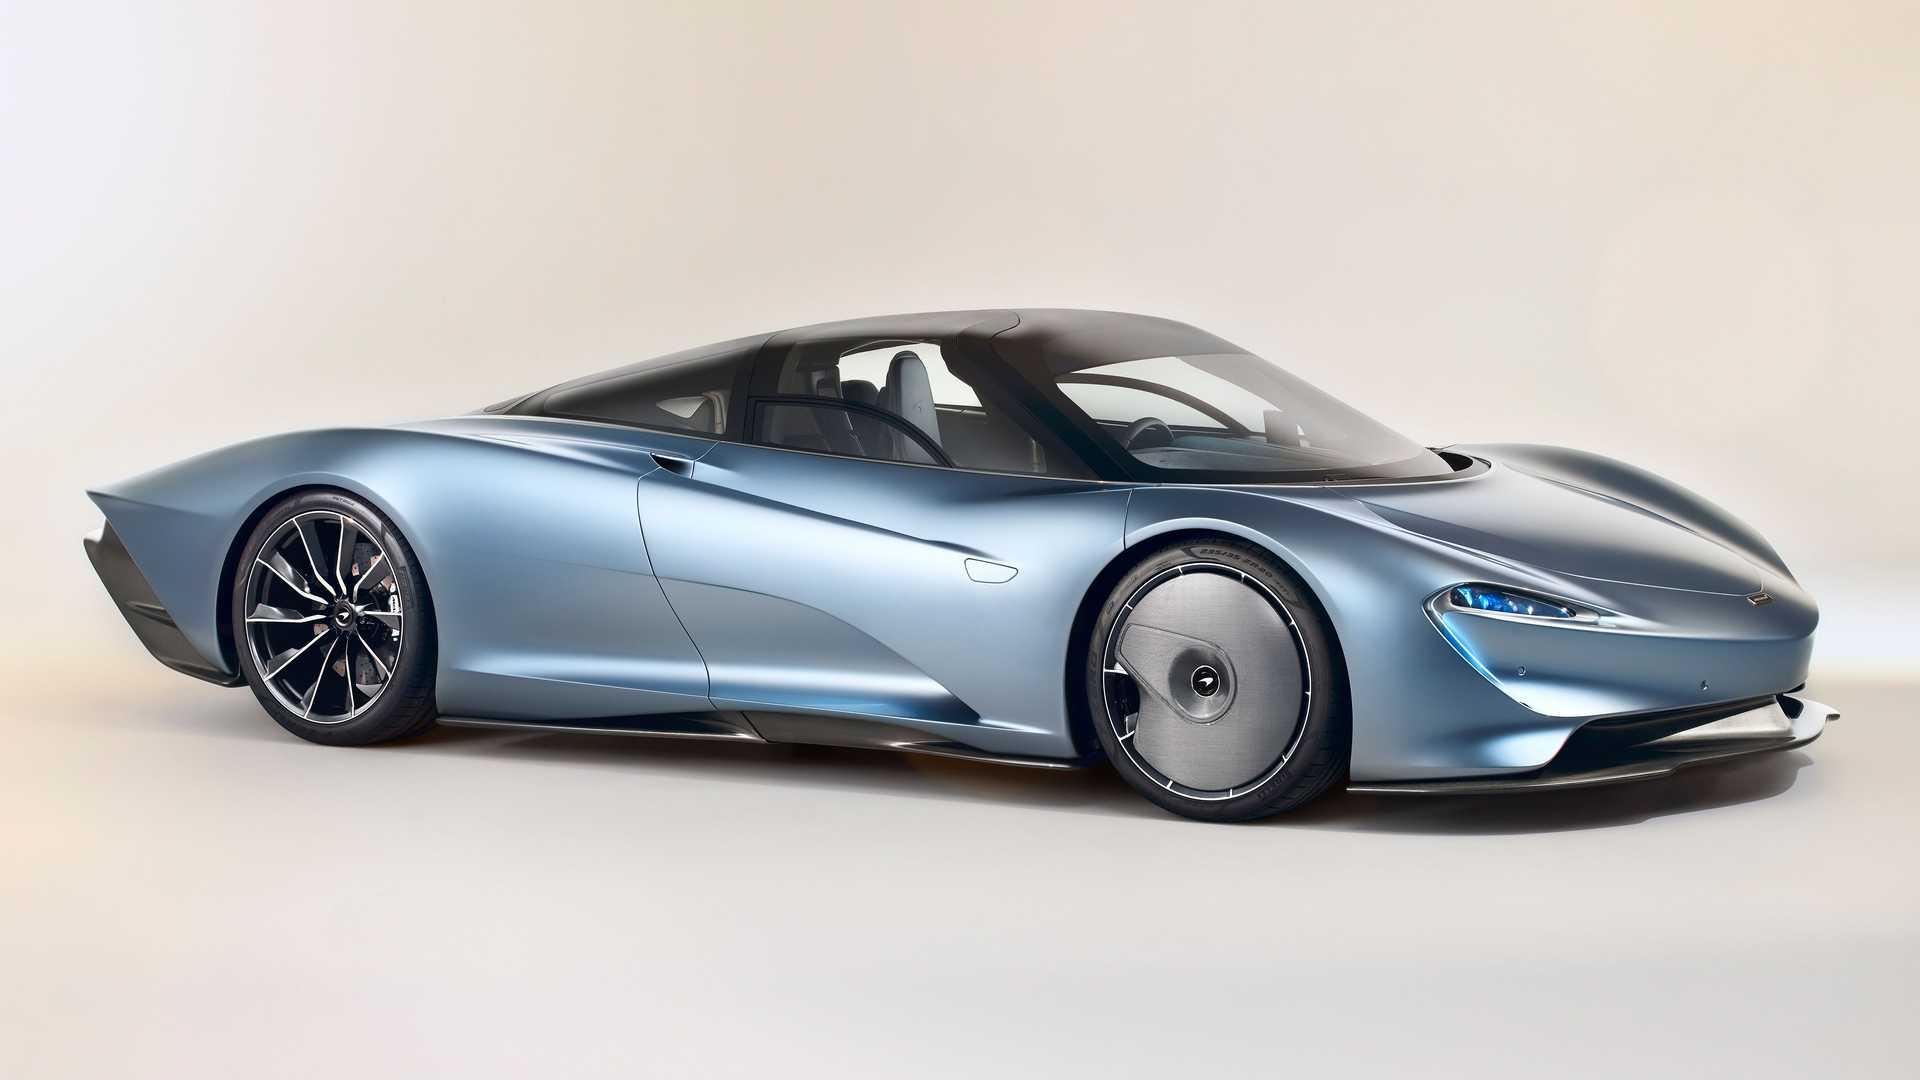 14 خودروی فوق سریع در جهان؛ از بوگاتی 300 پلاس تا کونیگزگ جمرا (+عکس)